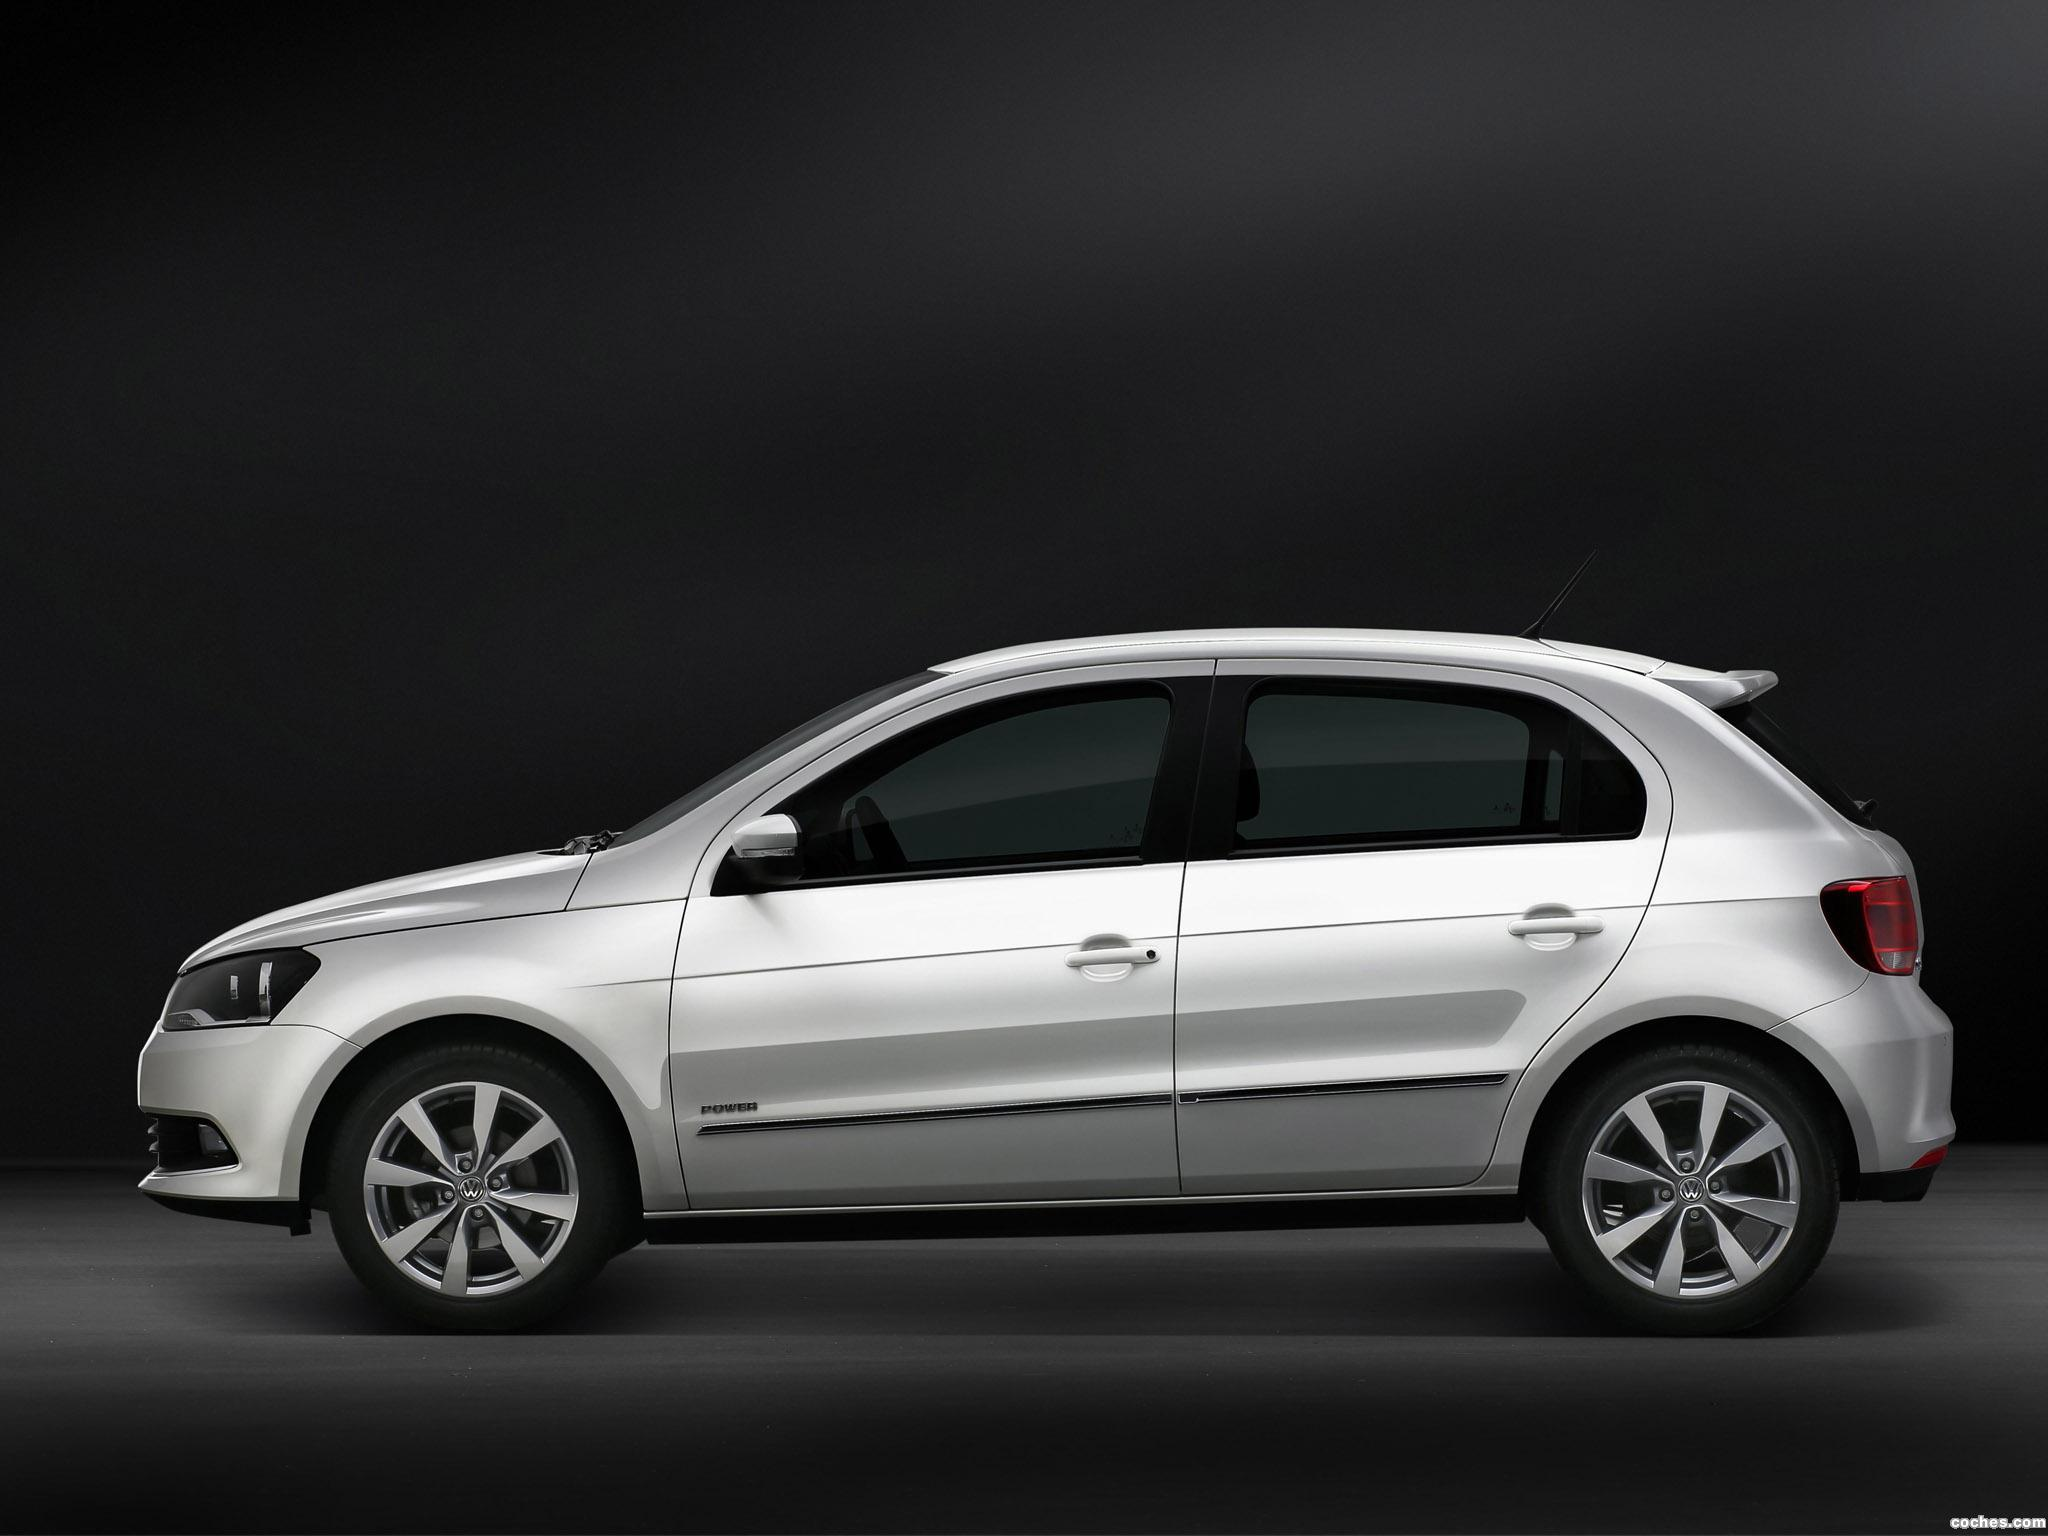 Foto 2 de Volkswagen Gol Power 2012